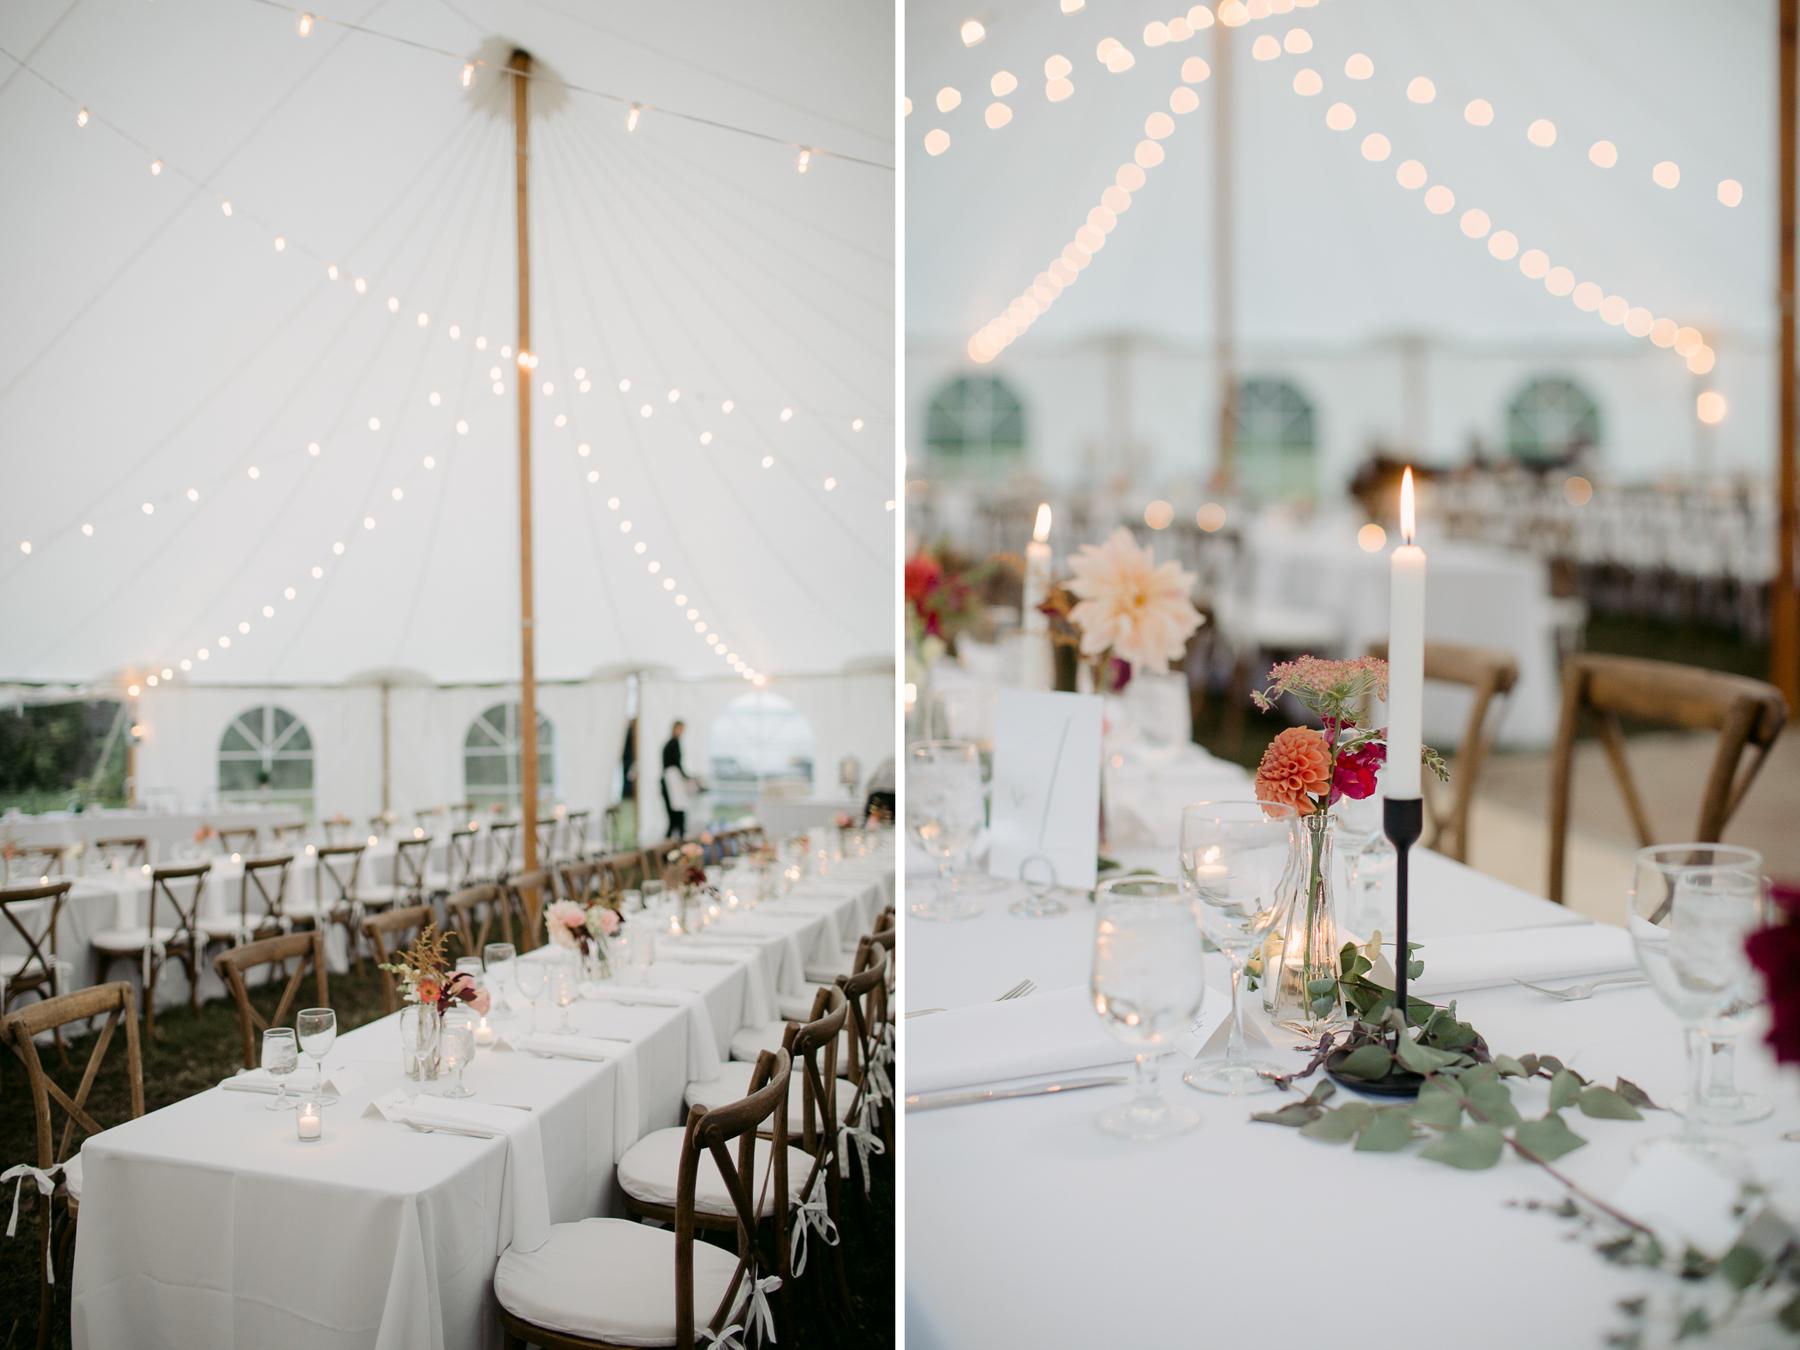 Hamilton_House_wedding_maine_Leah_Fisher_Photography-32.jpg